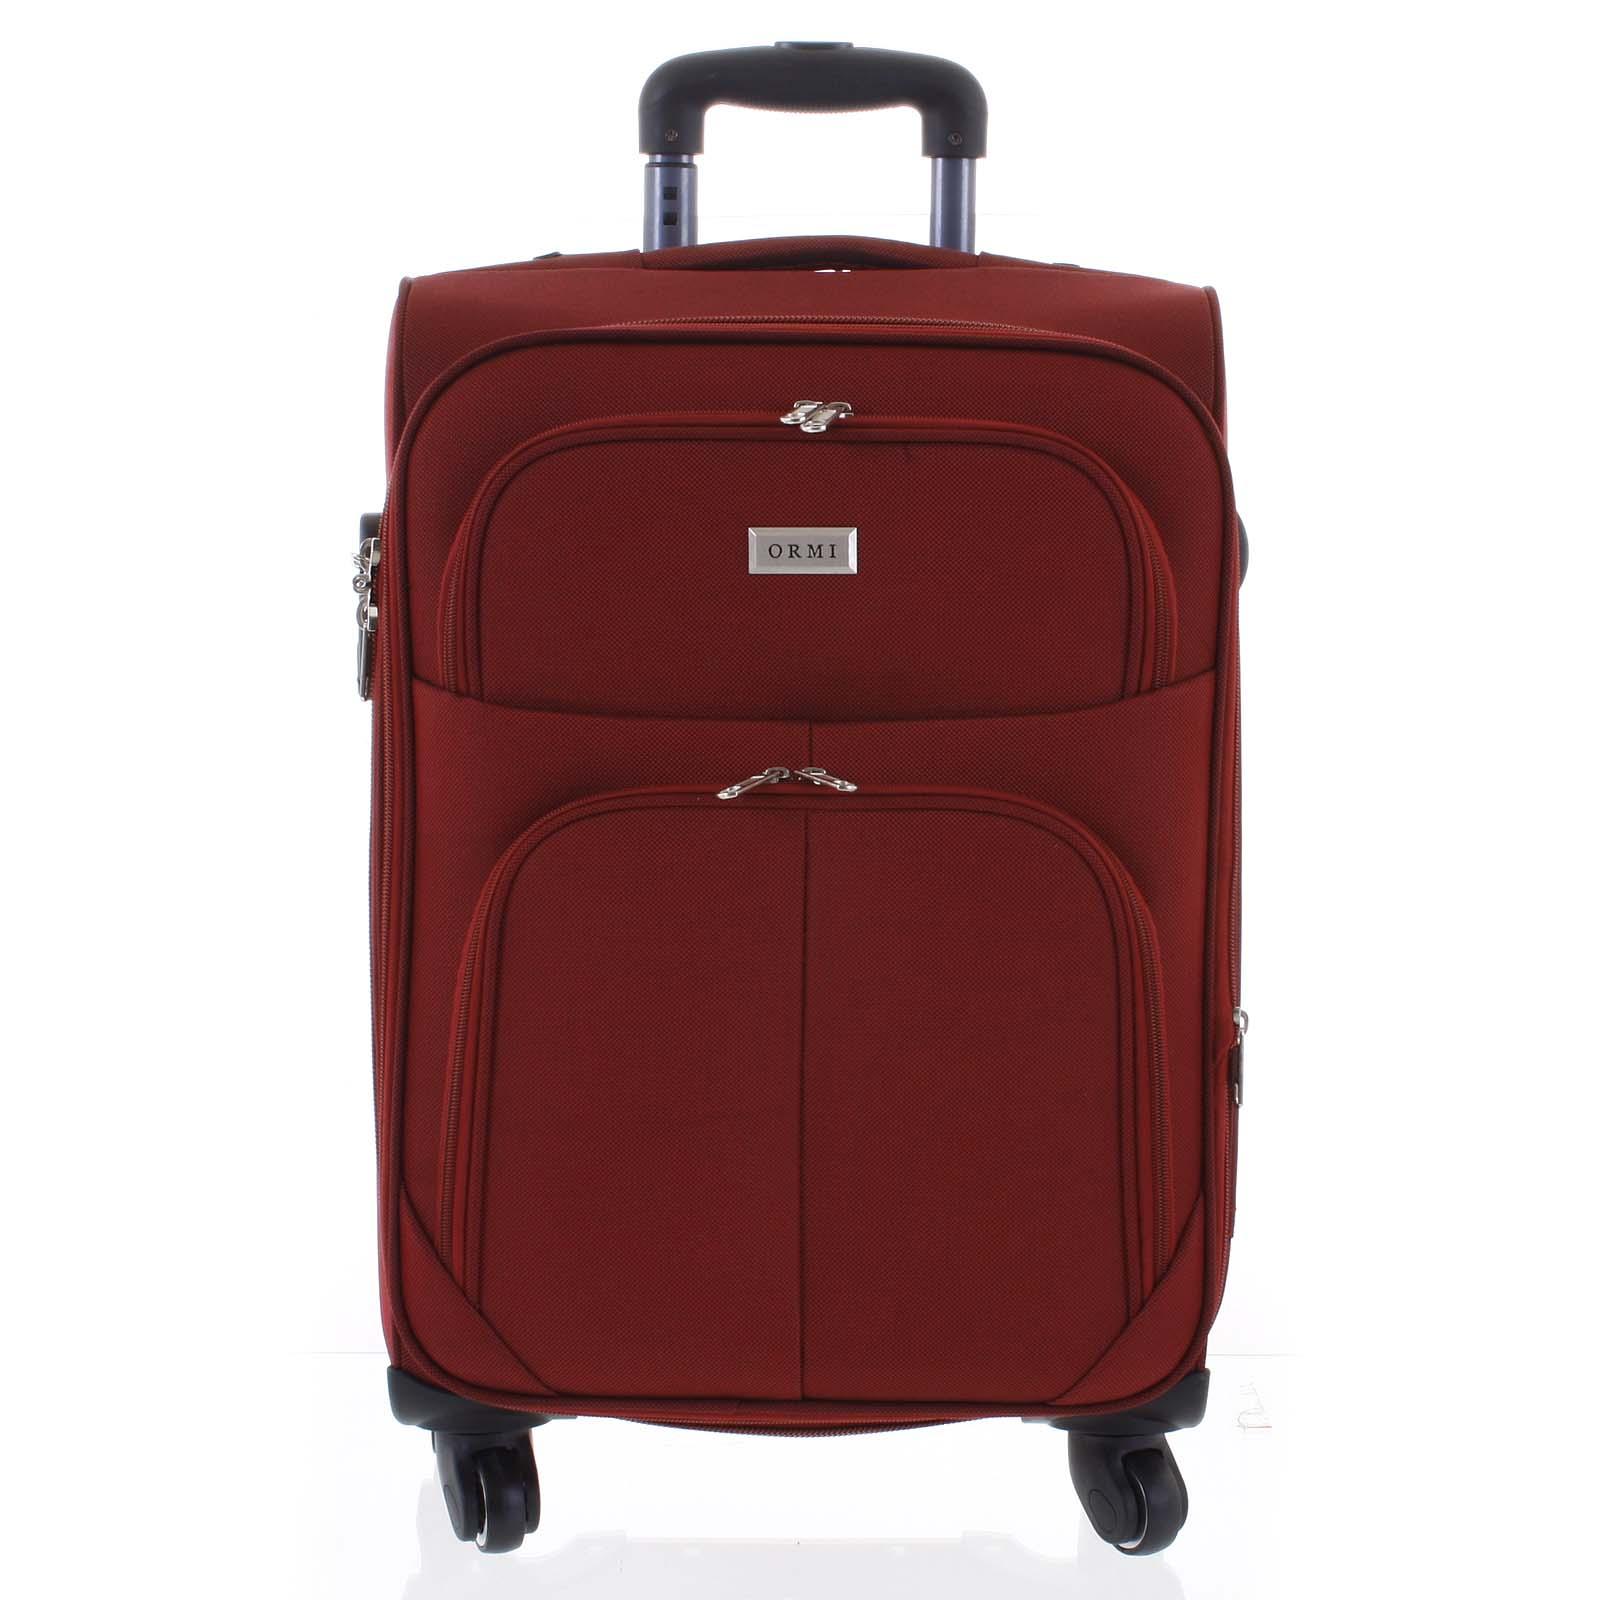 Cestovní kufr tmavě červený - Ormi Tessa S